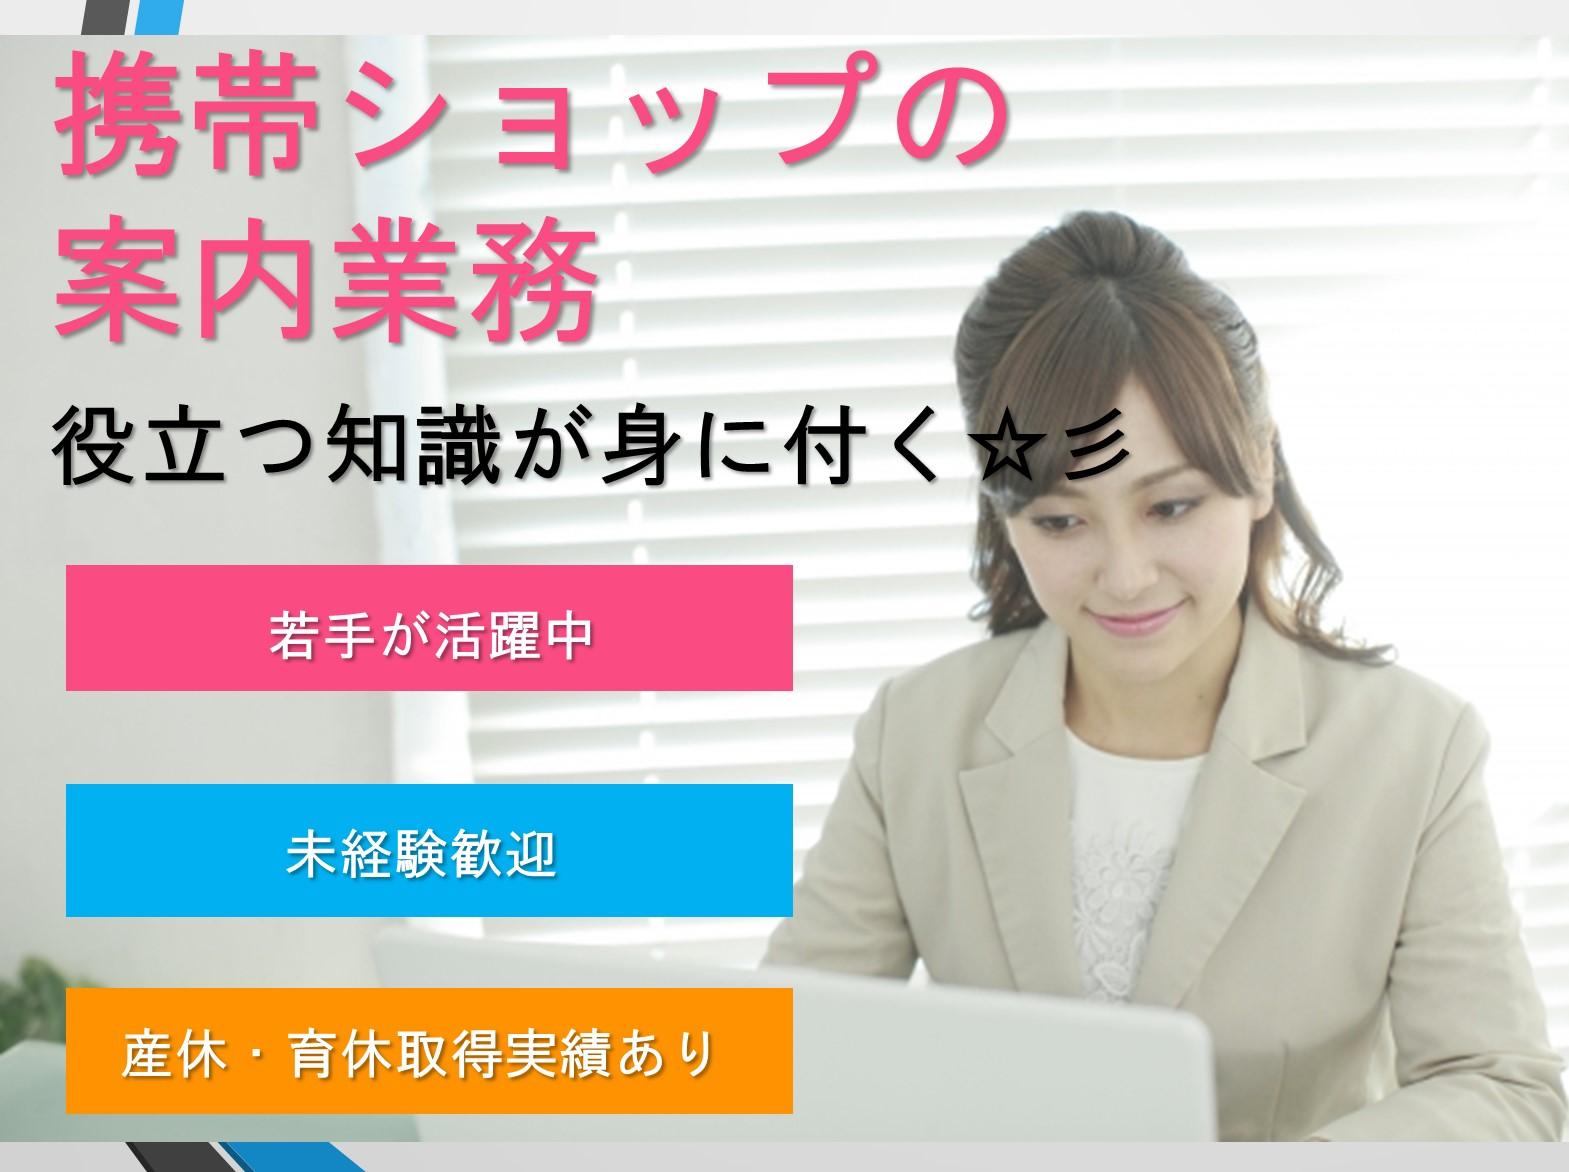 【人気/未経験応募OK】愛知県内近郊でのお仕事!携帯ショップの案内業務急募【正社員】 イメージ